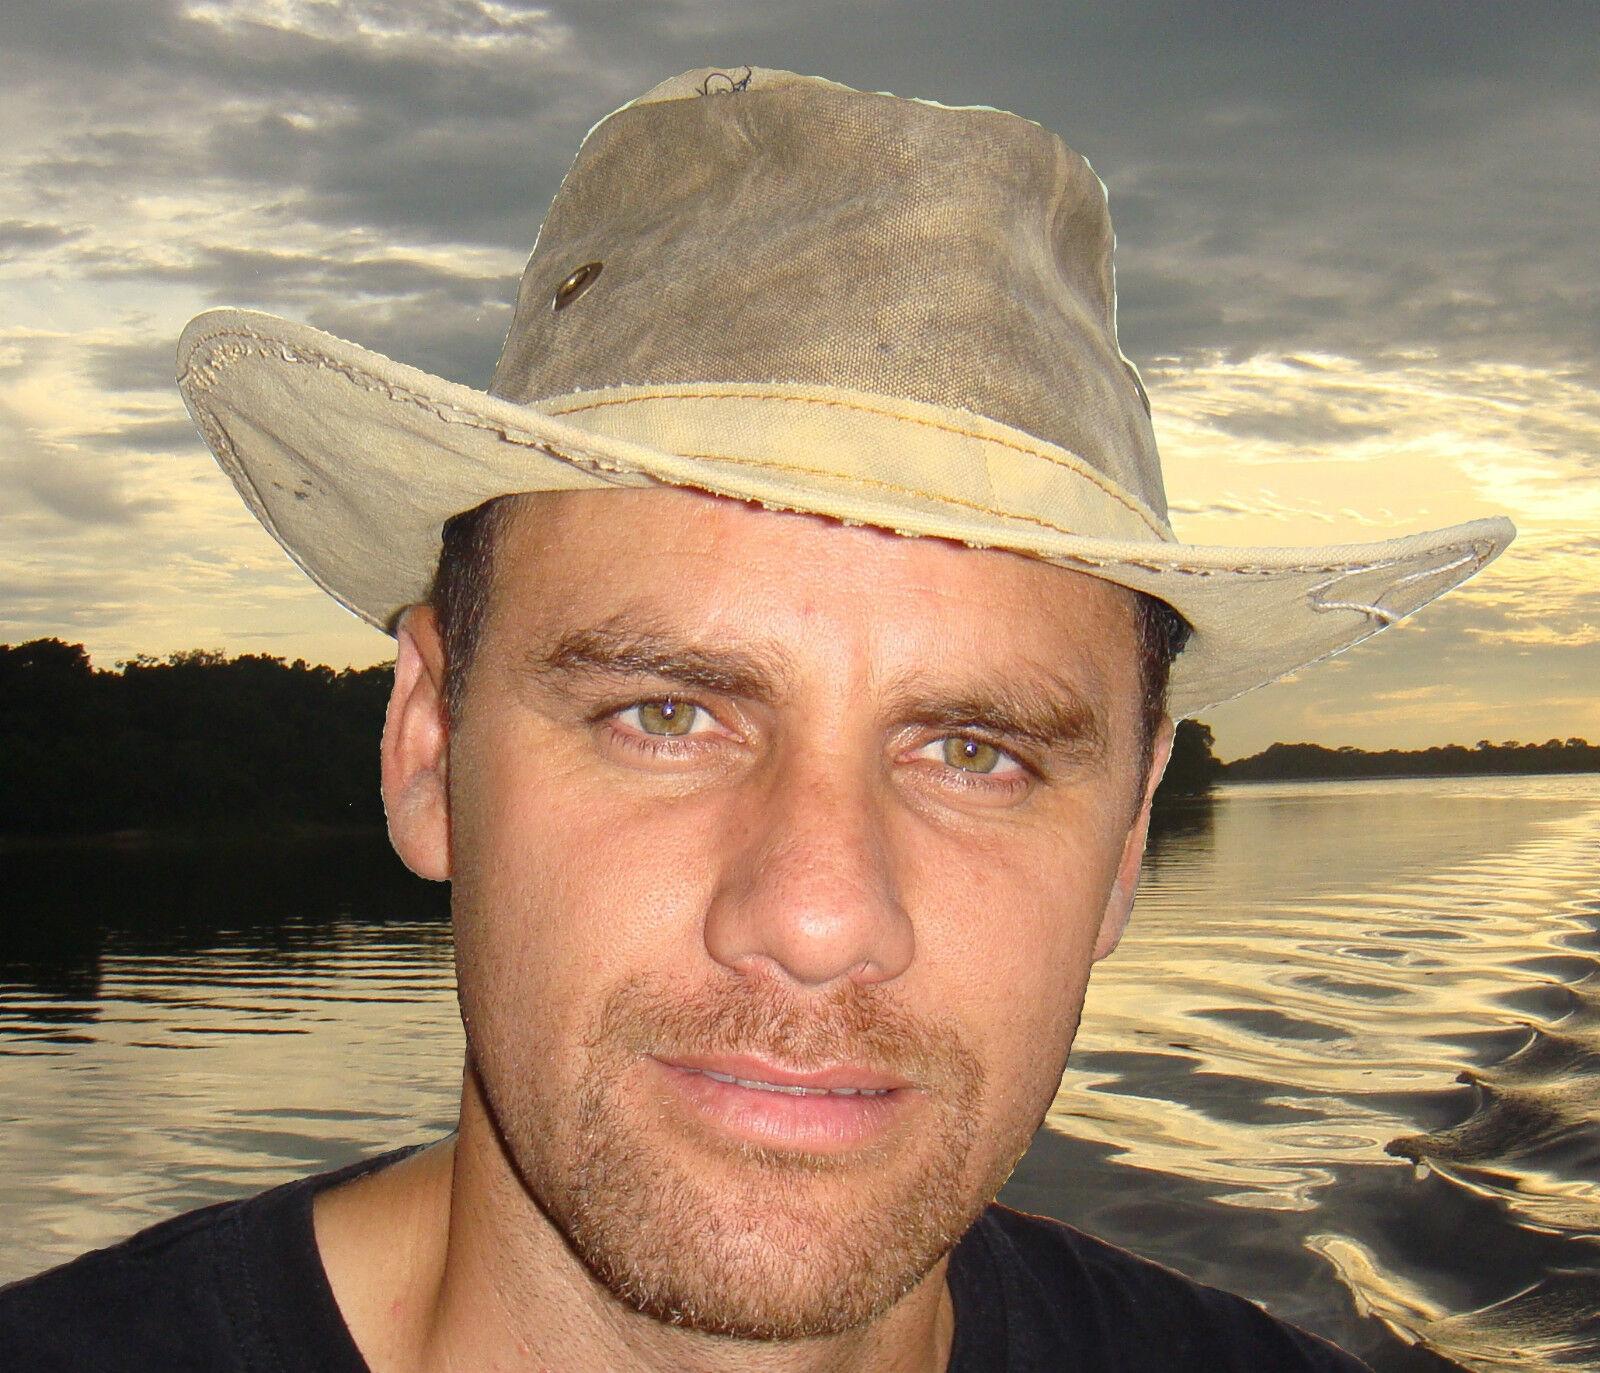 Herren wide brim hat - daSie wide brim canvas hat from Brazil - Recycled material